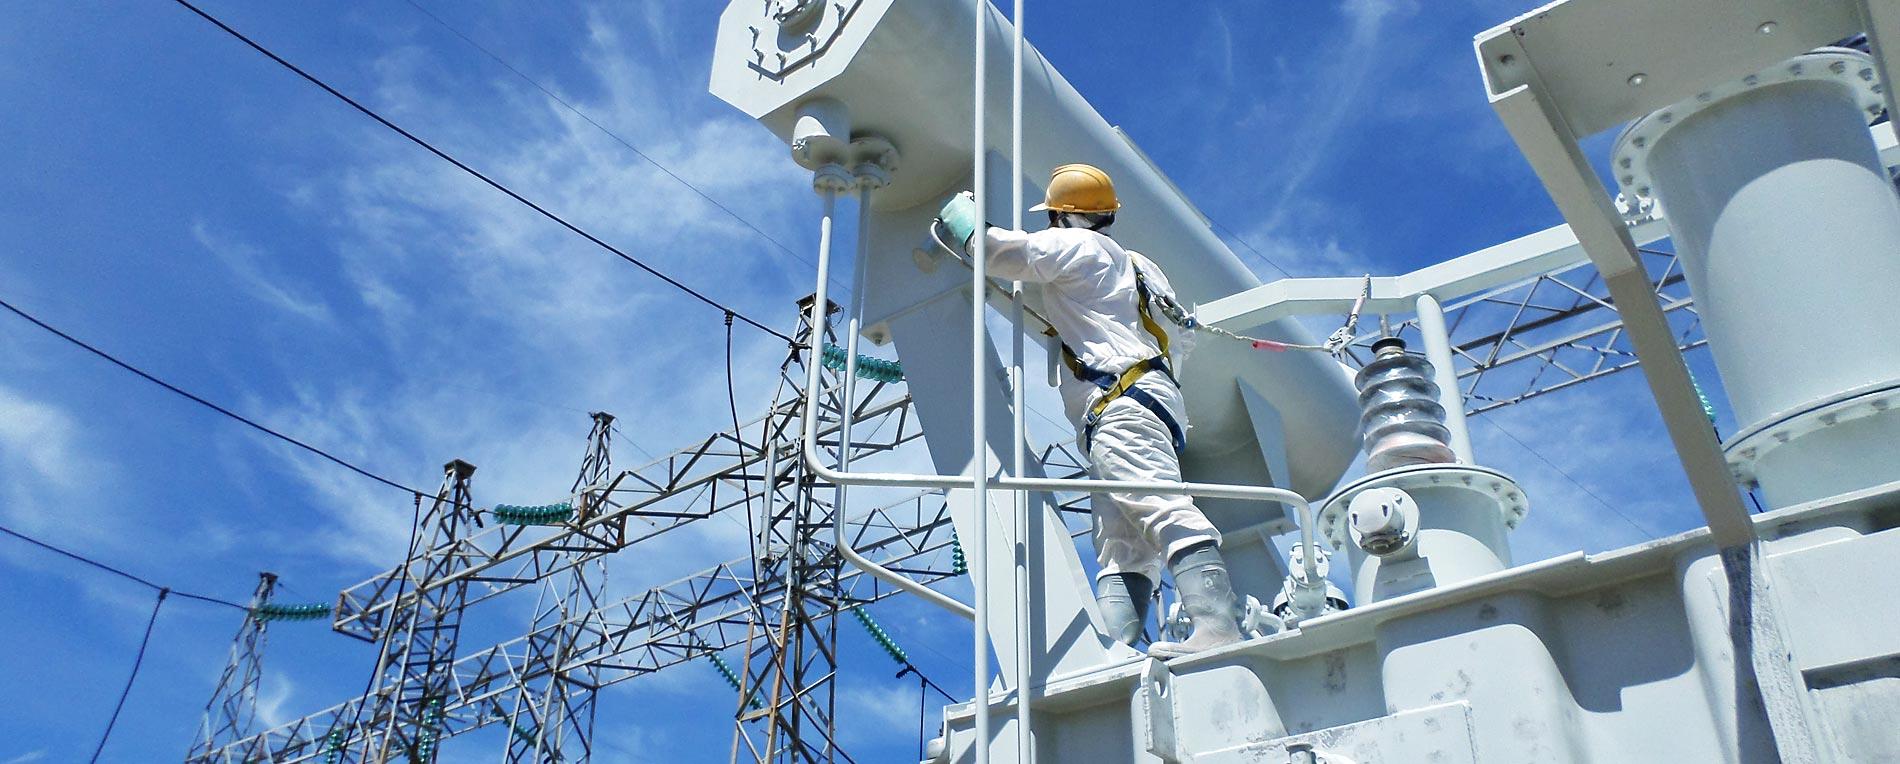 mantenimiento-a-transformadores-de-potencia